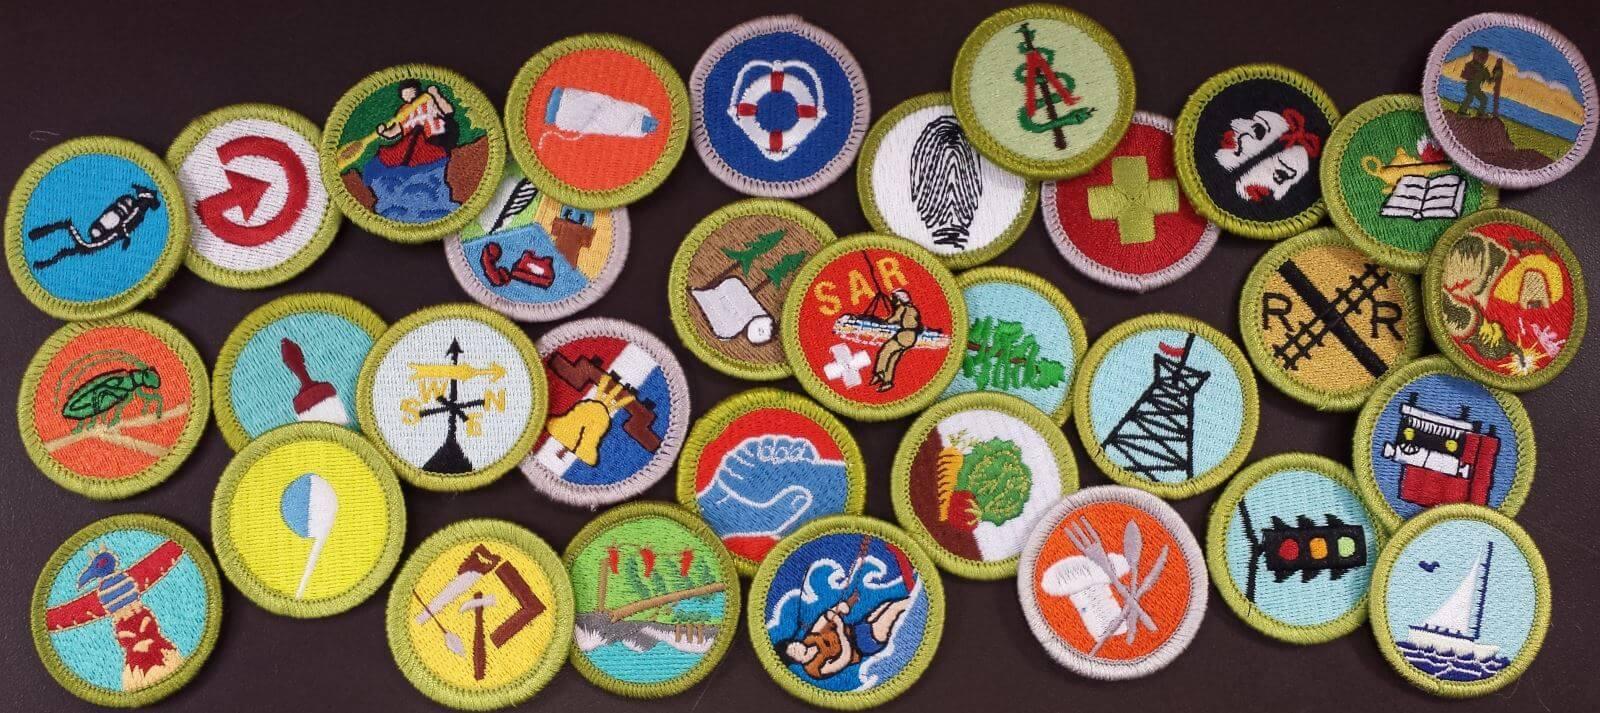 2014-4r-merit-badges